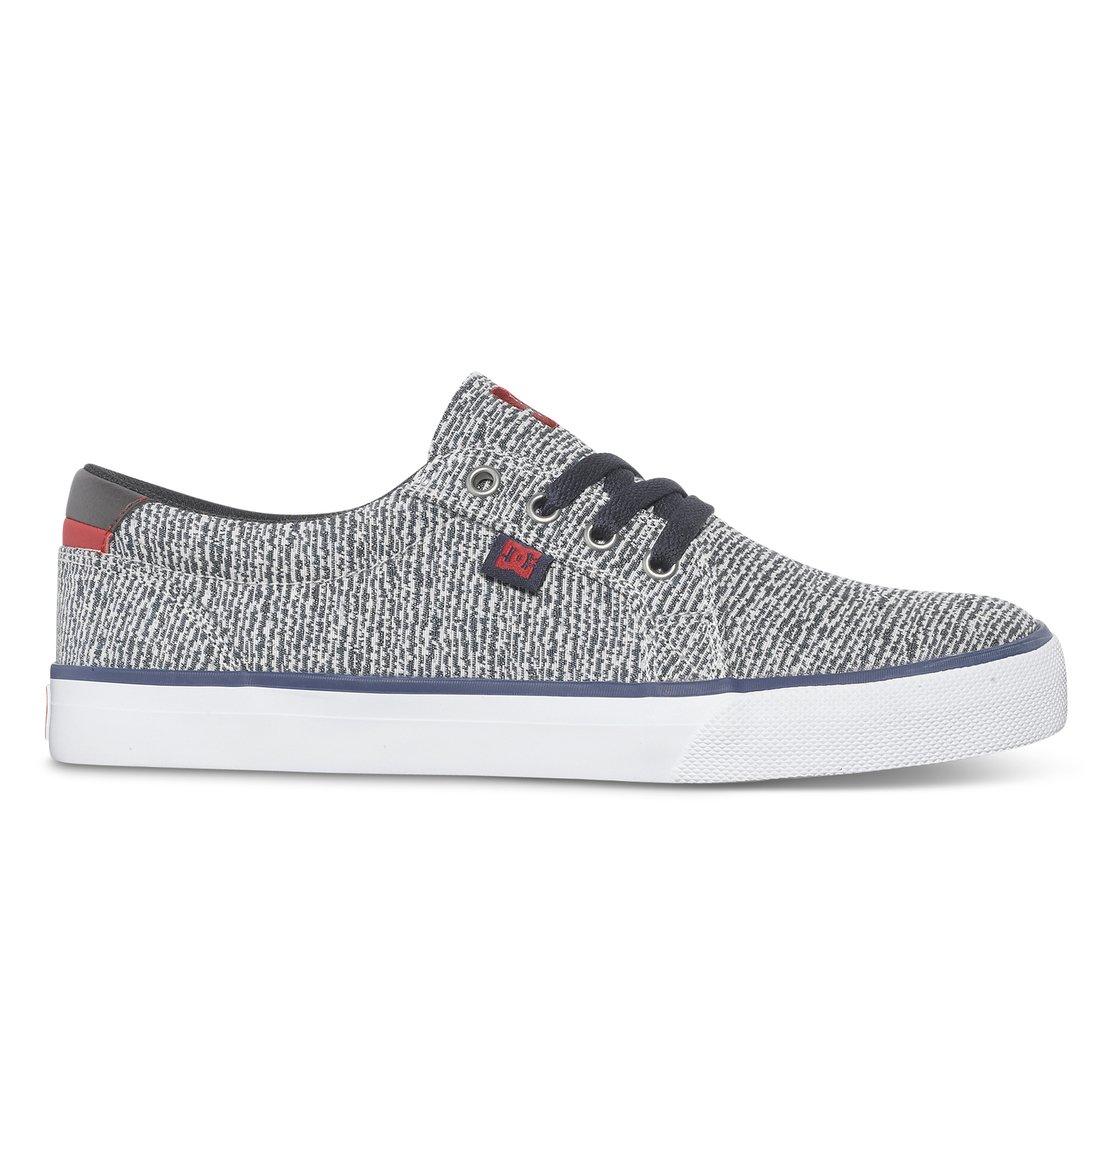 Council SE Low Top Shoes от DC Shoes